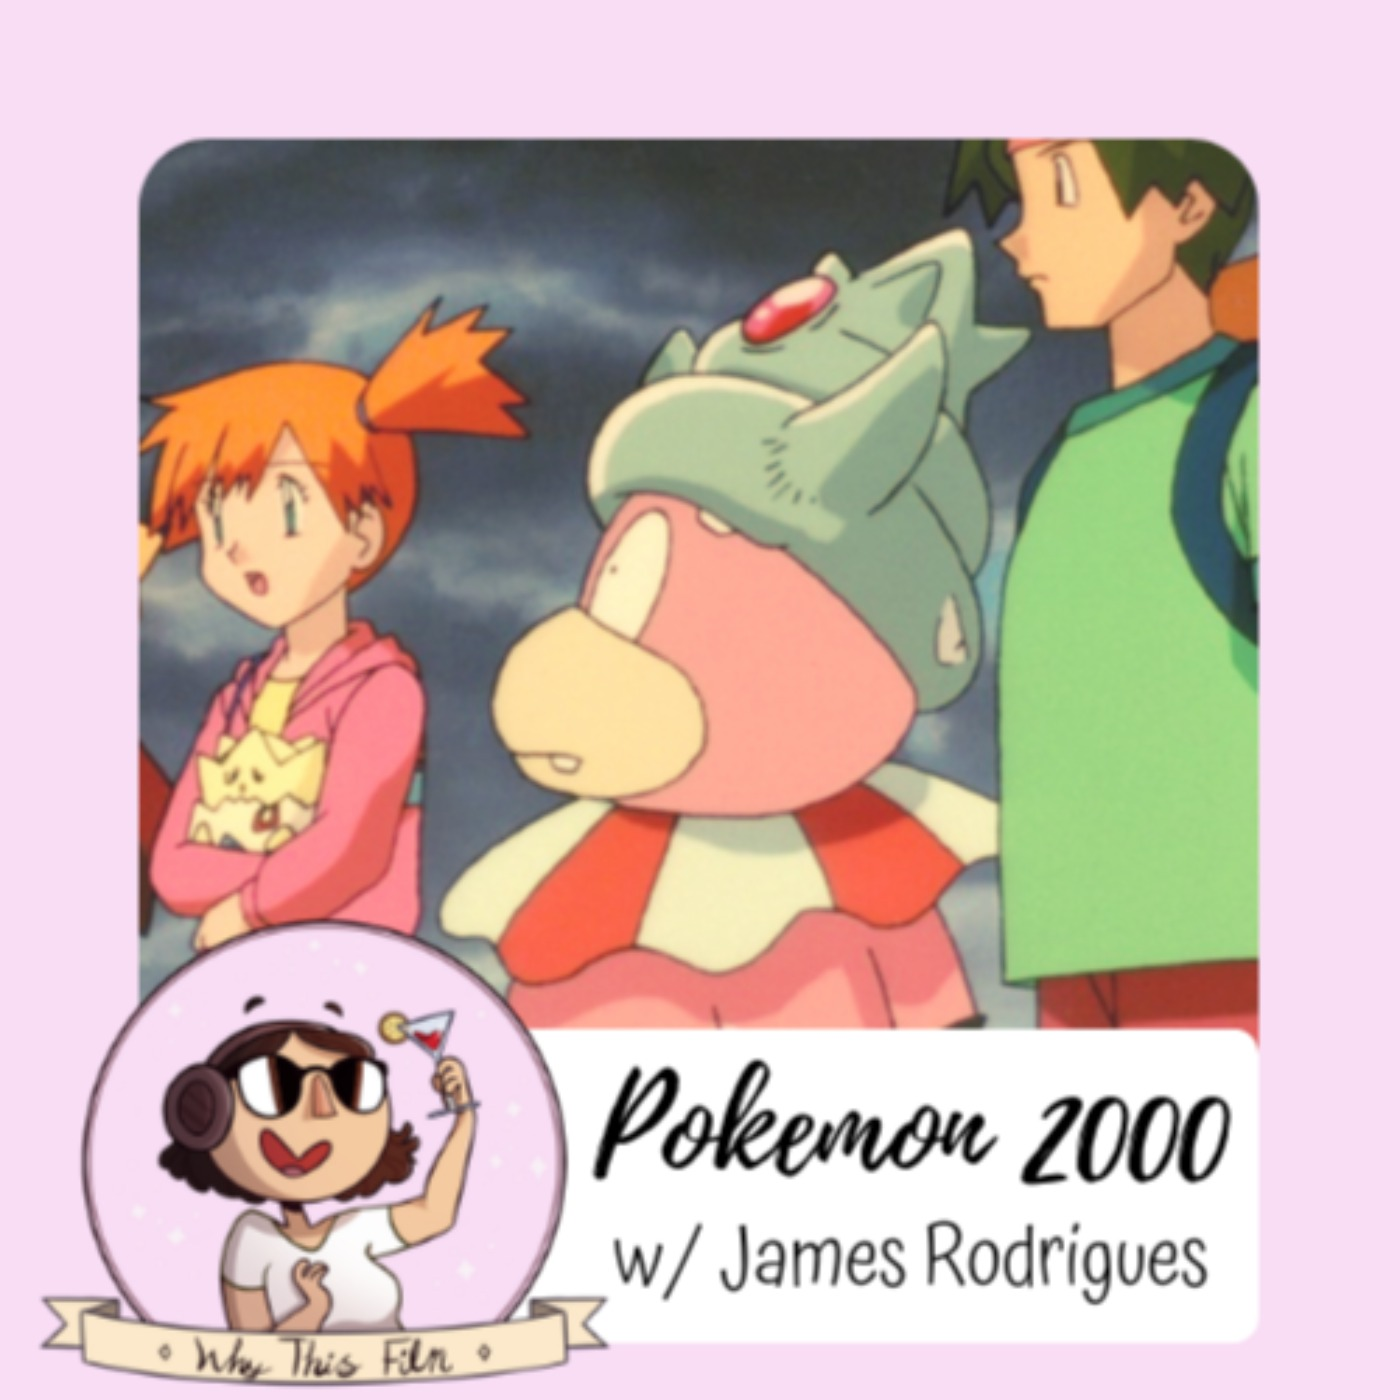 Pokemon 2000 (w/James Rodrigues)